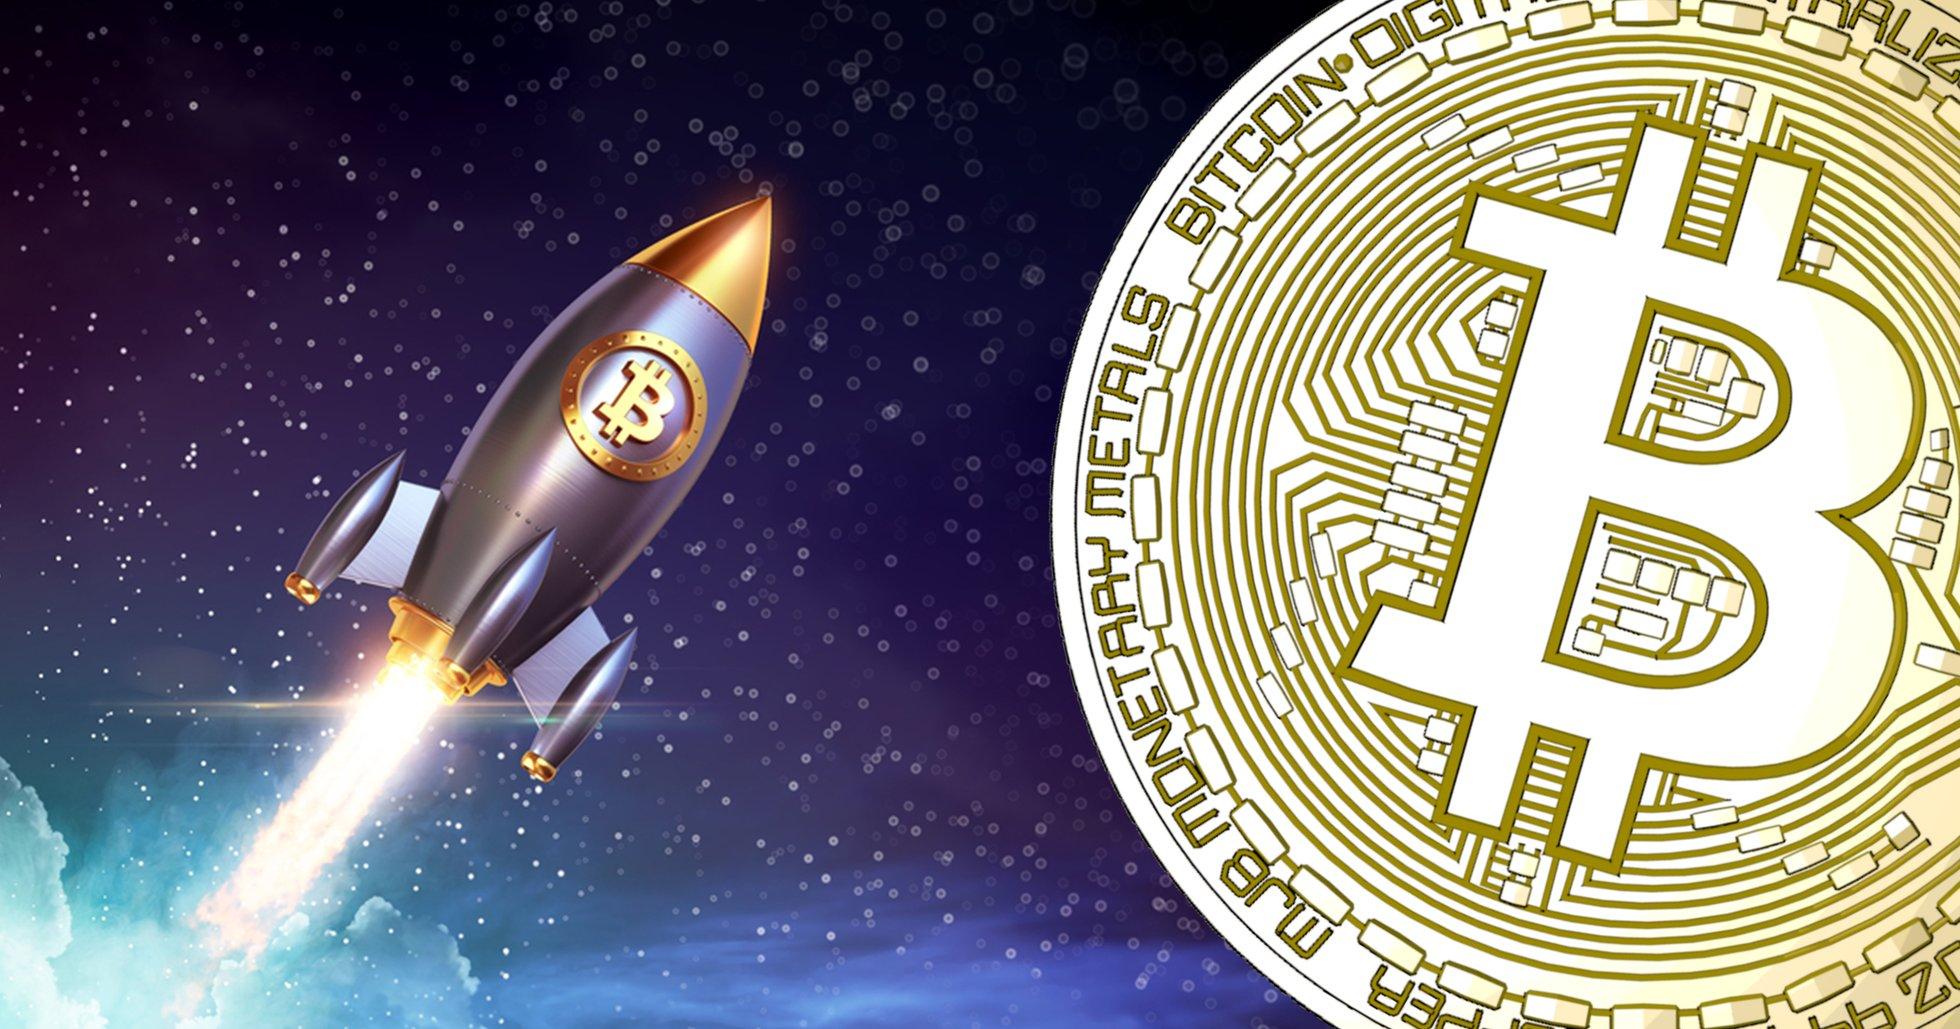 Kryptoprofilens analys: Bitcoin kan vara på väg mot 100 000 dollar